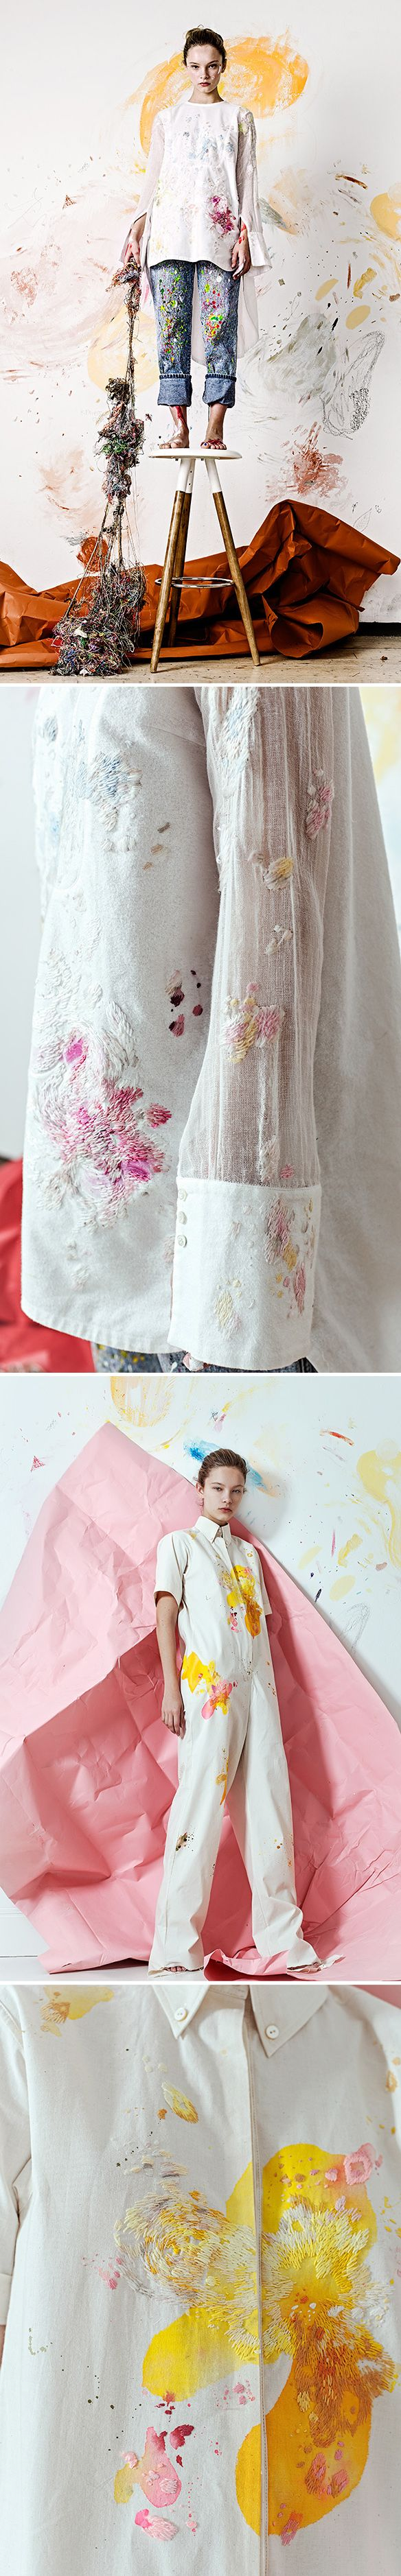 Set Design, Crushed paper mimics texture of ruffled garments.